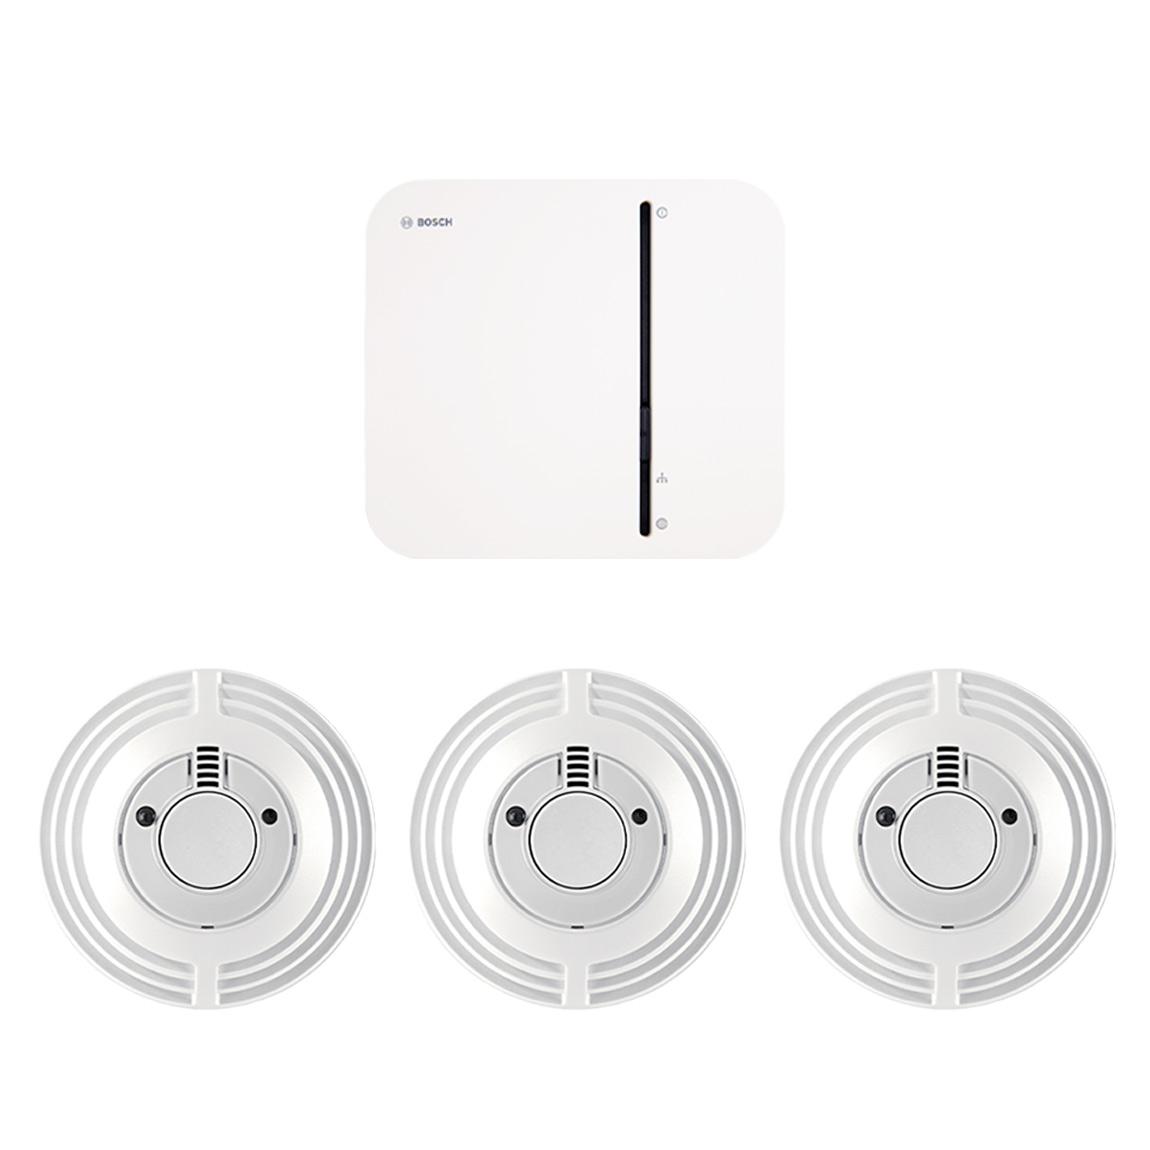 Bosch Smart Home – Wohnungspaket Brandschutz